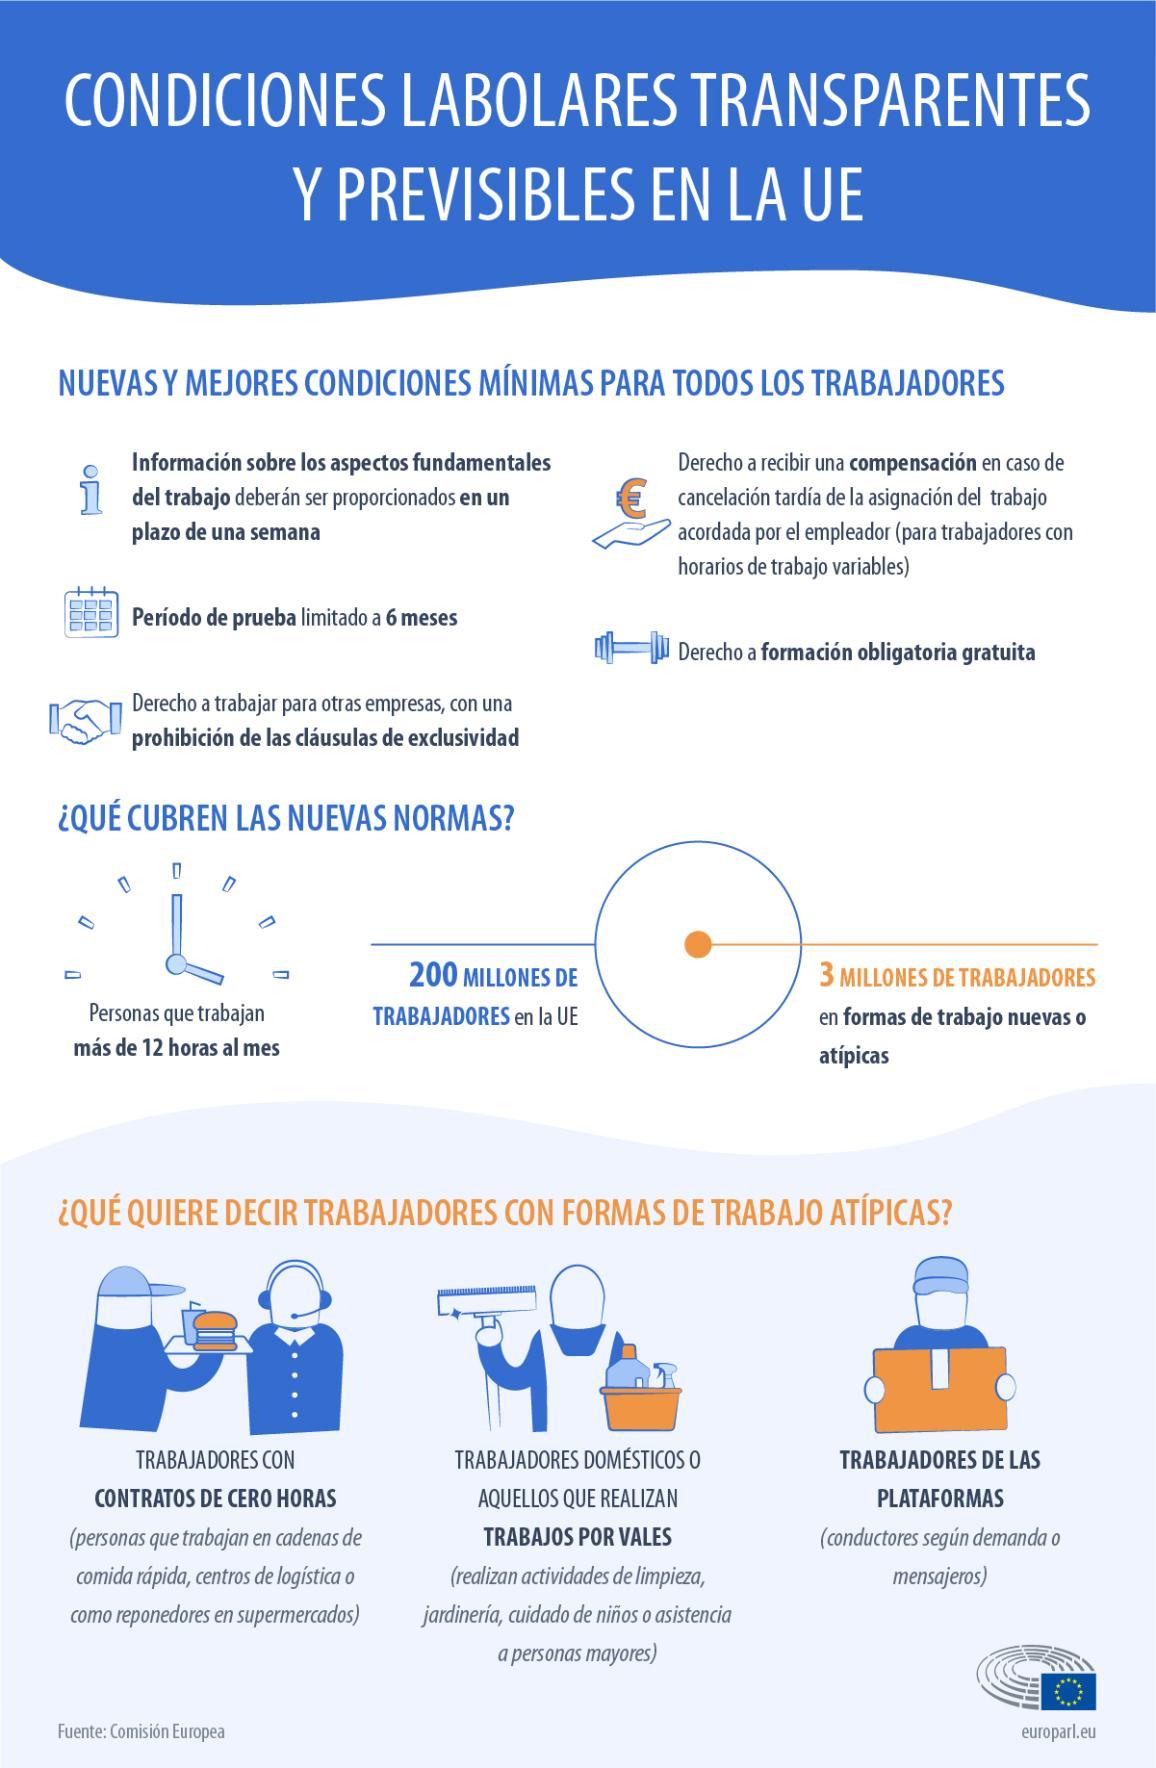 Infografía: Nuevos derechos para los trabajadores de la gig economy con contratos de trabajo atípicos